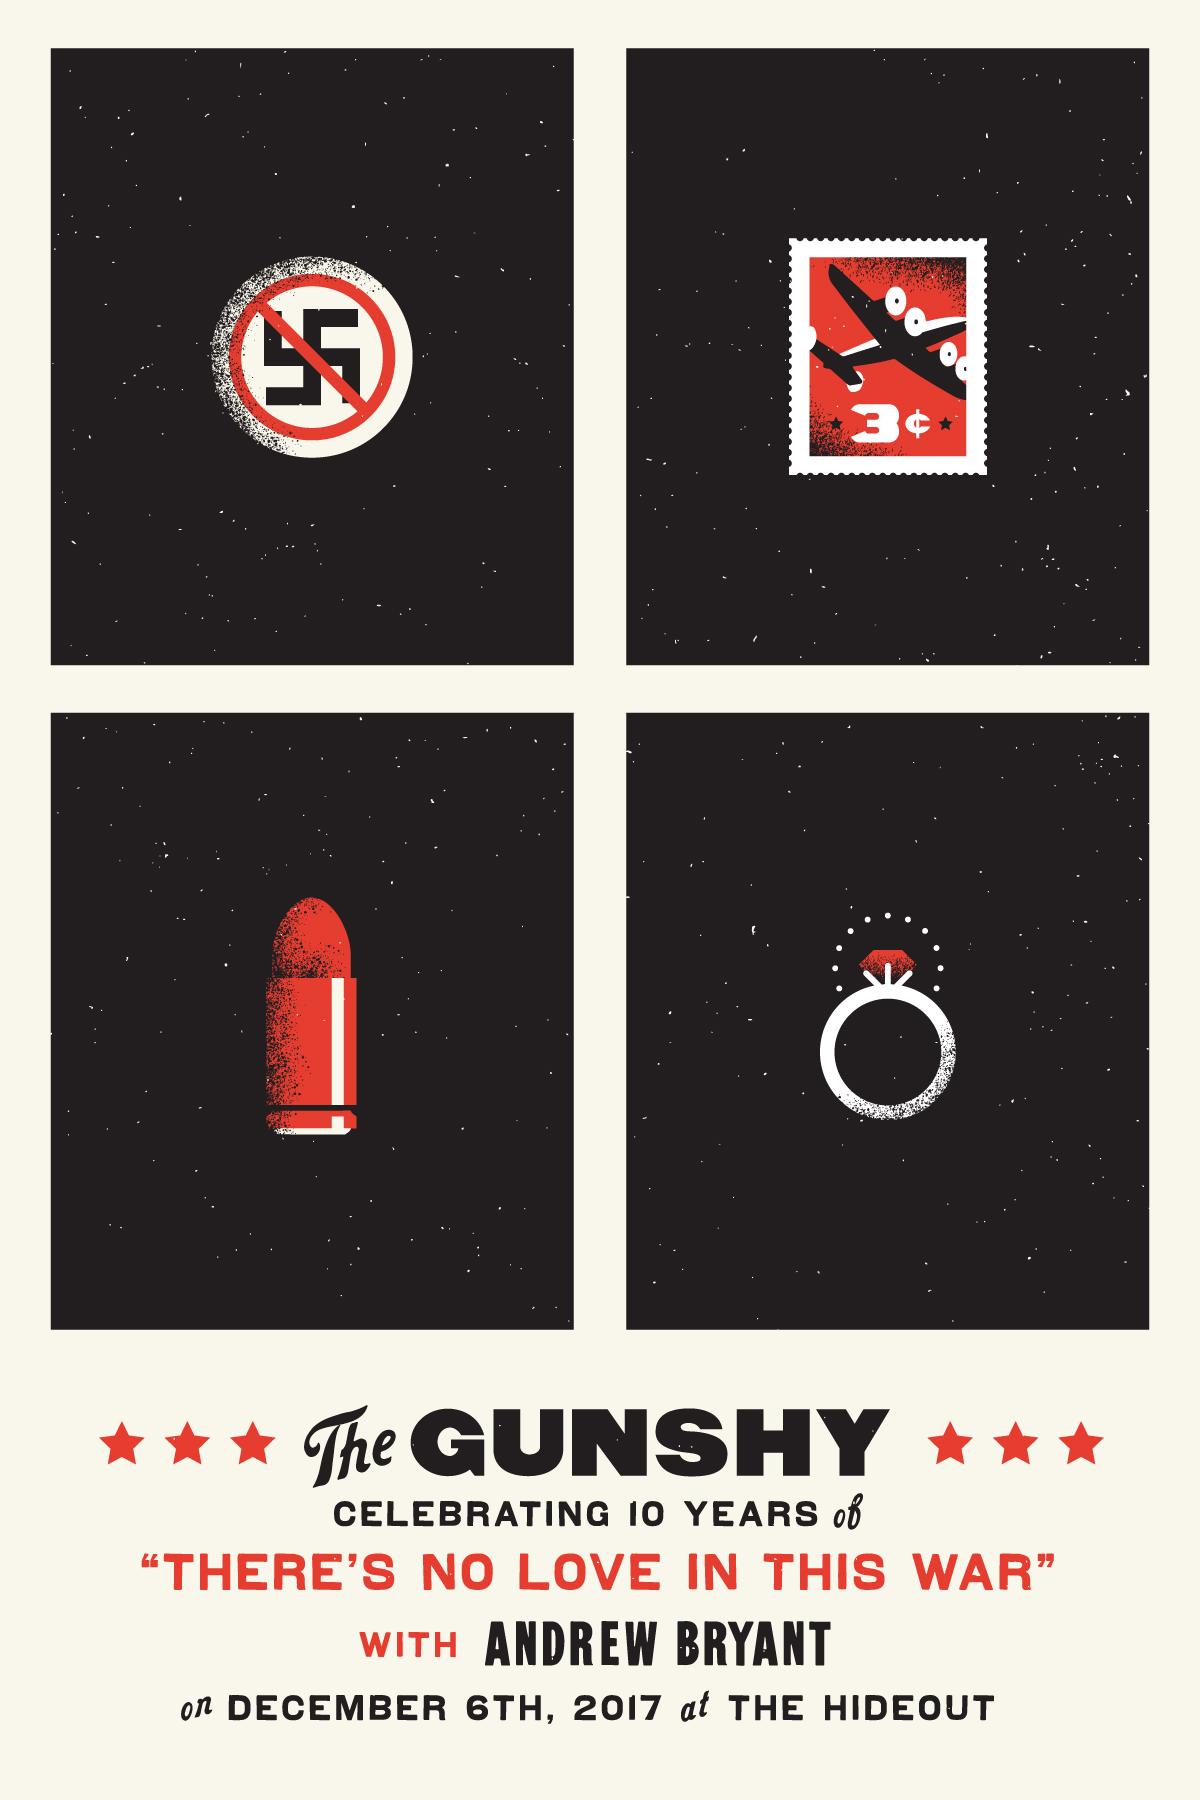 The Gunshy